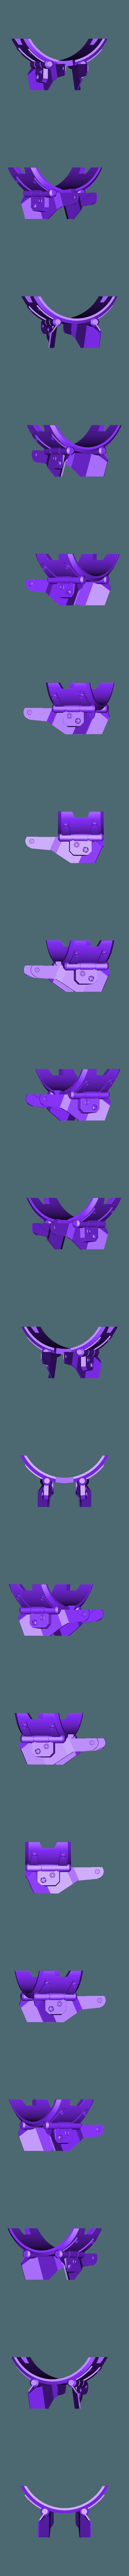 Drum_Cover.stl Télécharger fichier STL gratuit Borderlands Bandit Room Clener Shotgun • Modèle pour impression 3D, Dsk